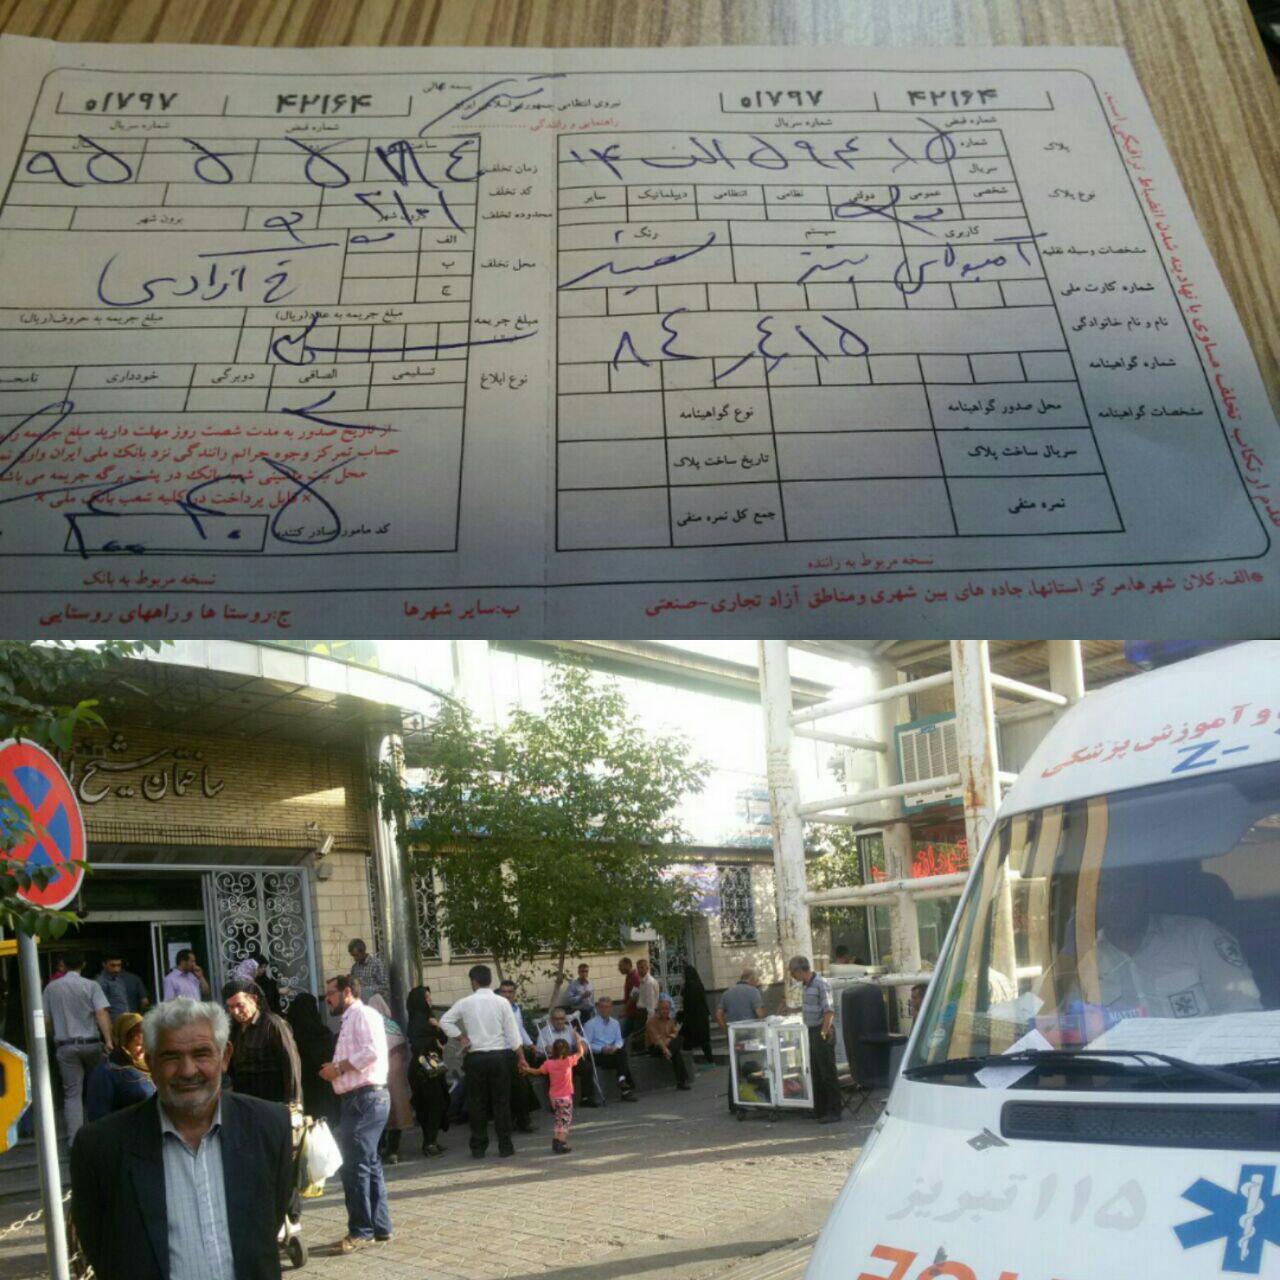 جریمه آمبولانس در حین ماموریت در تبریز